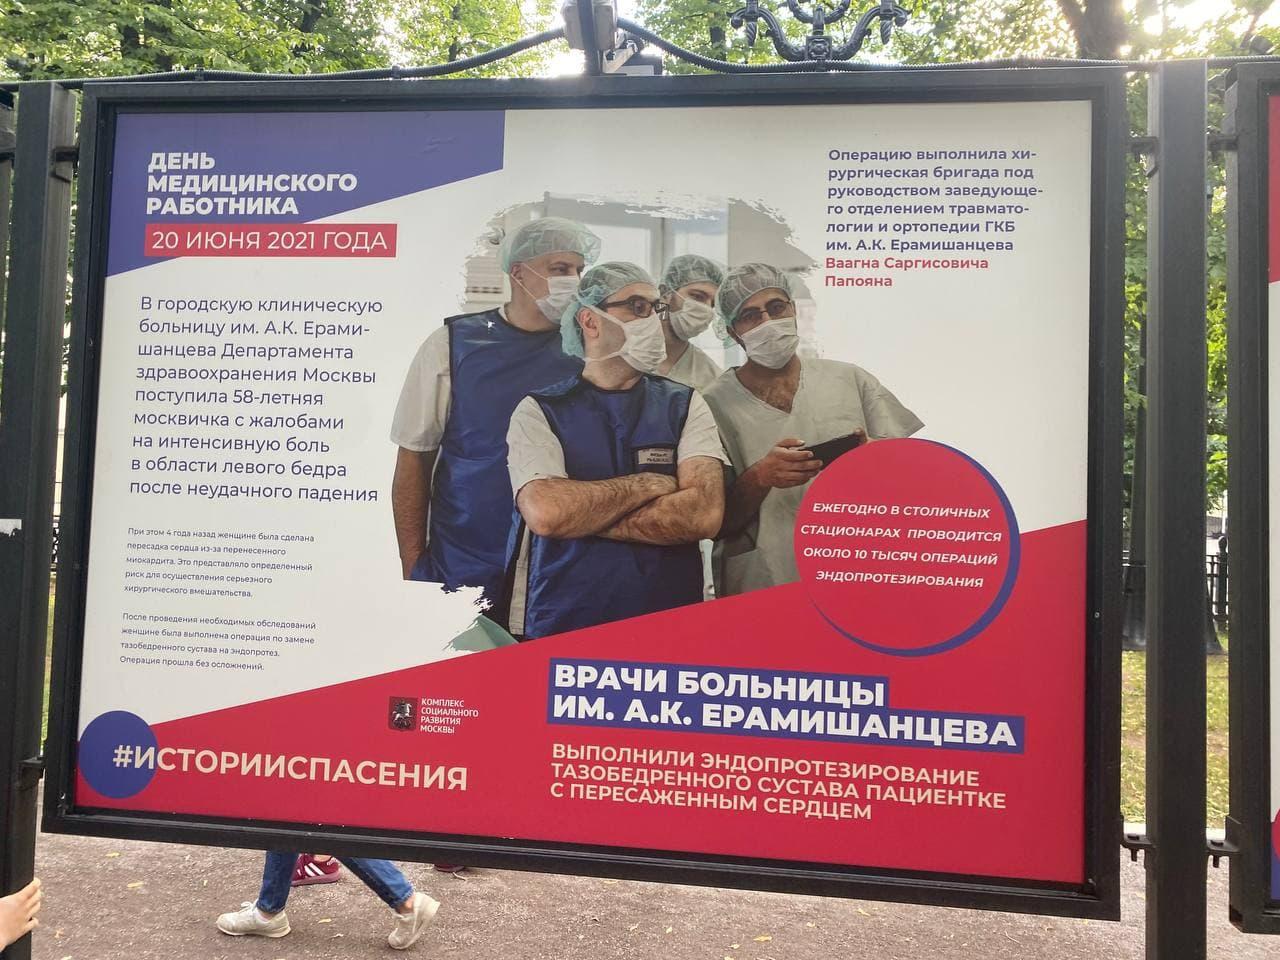 """фото: скриншот из группы """"Лосинка Live"""" в соцсети """"ВКонтакте"""""""